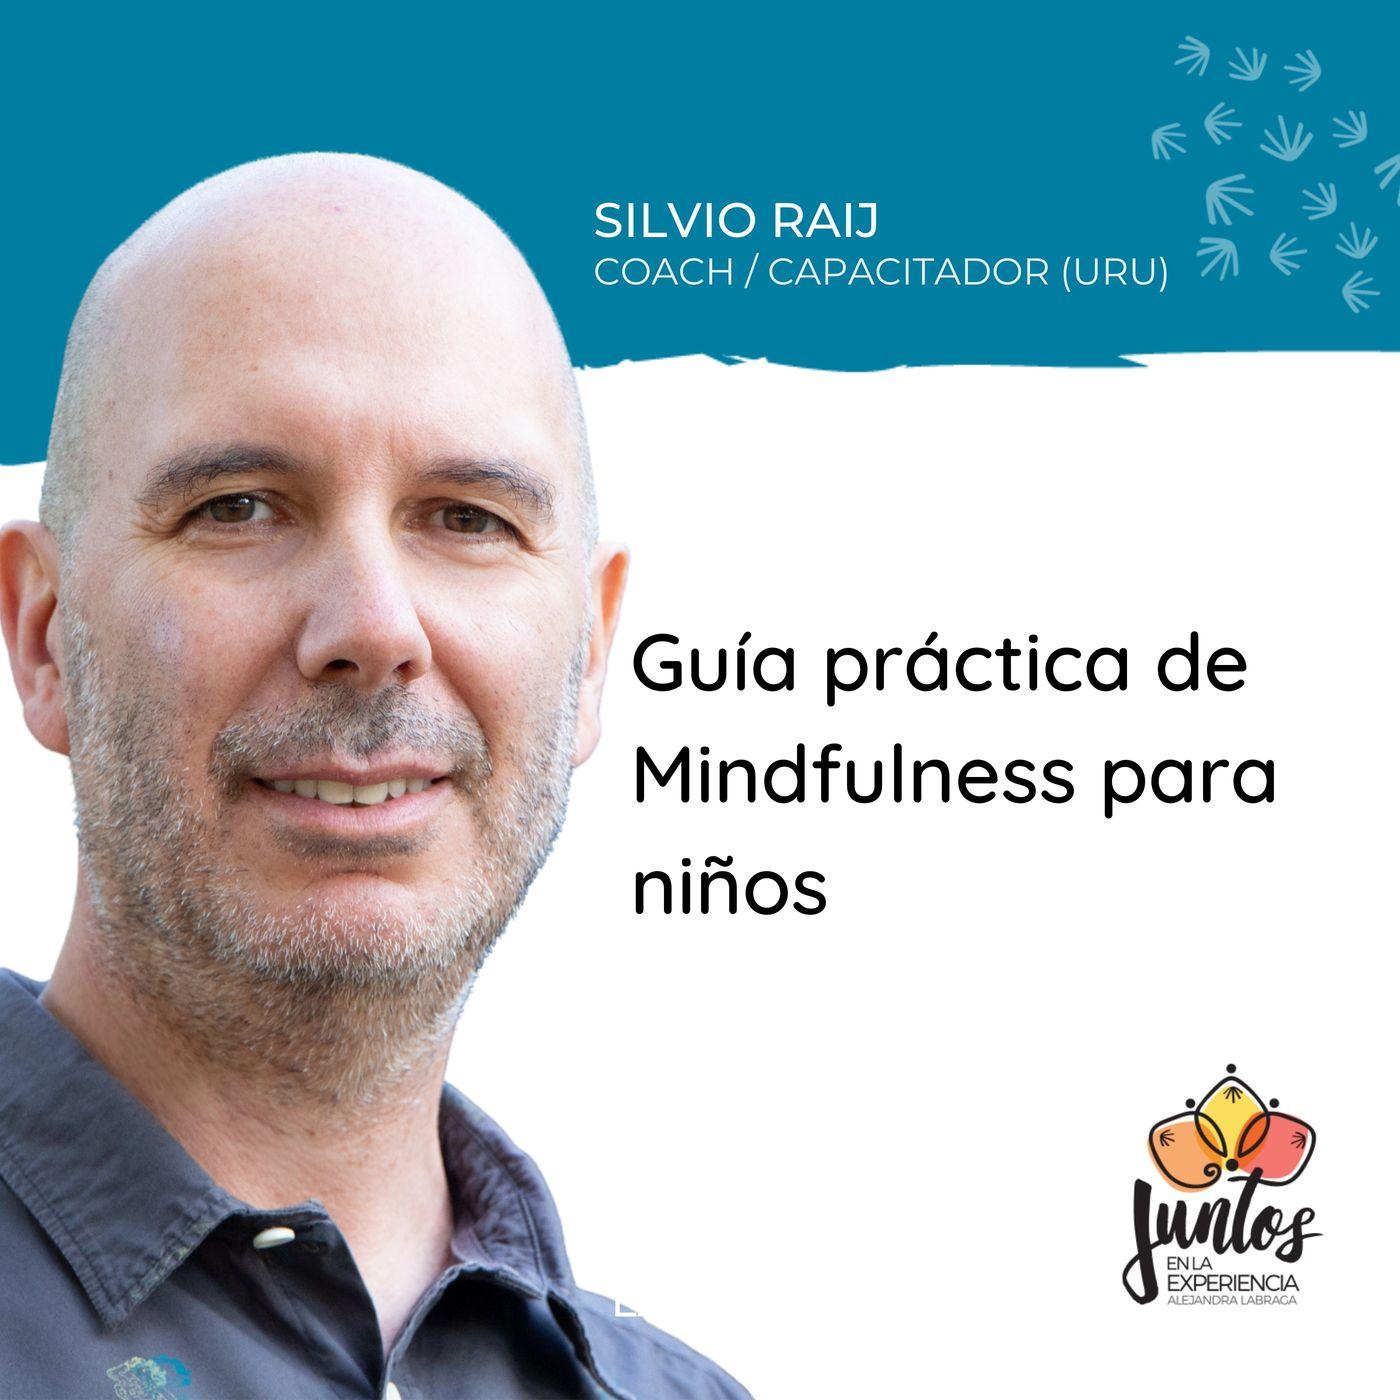 Ep. 080 - Guía práctica de Mindfulness para niños con Silvio Raij